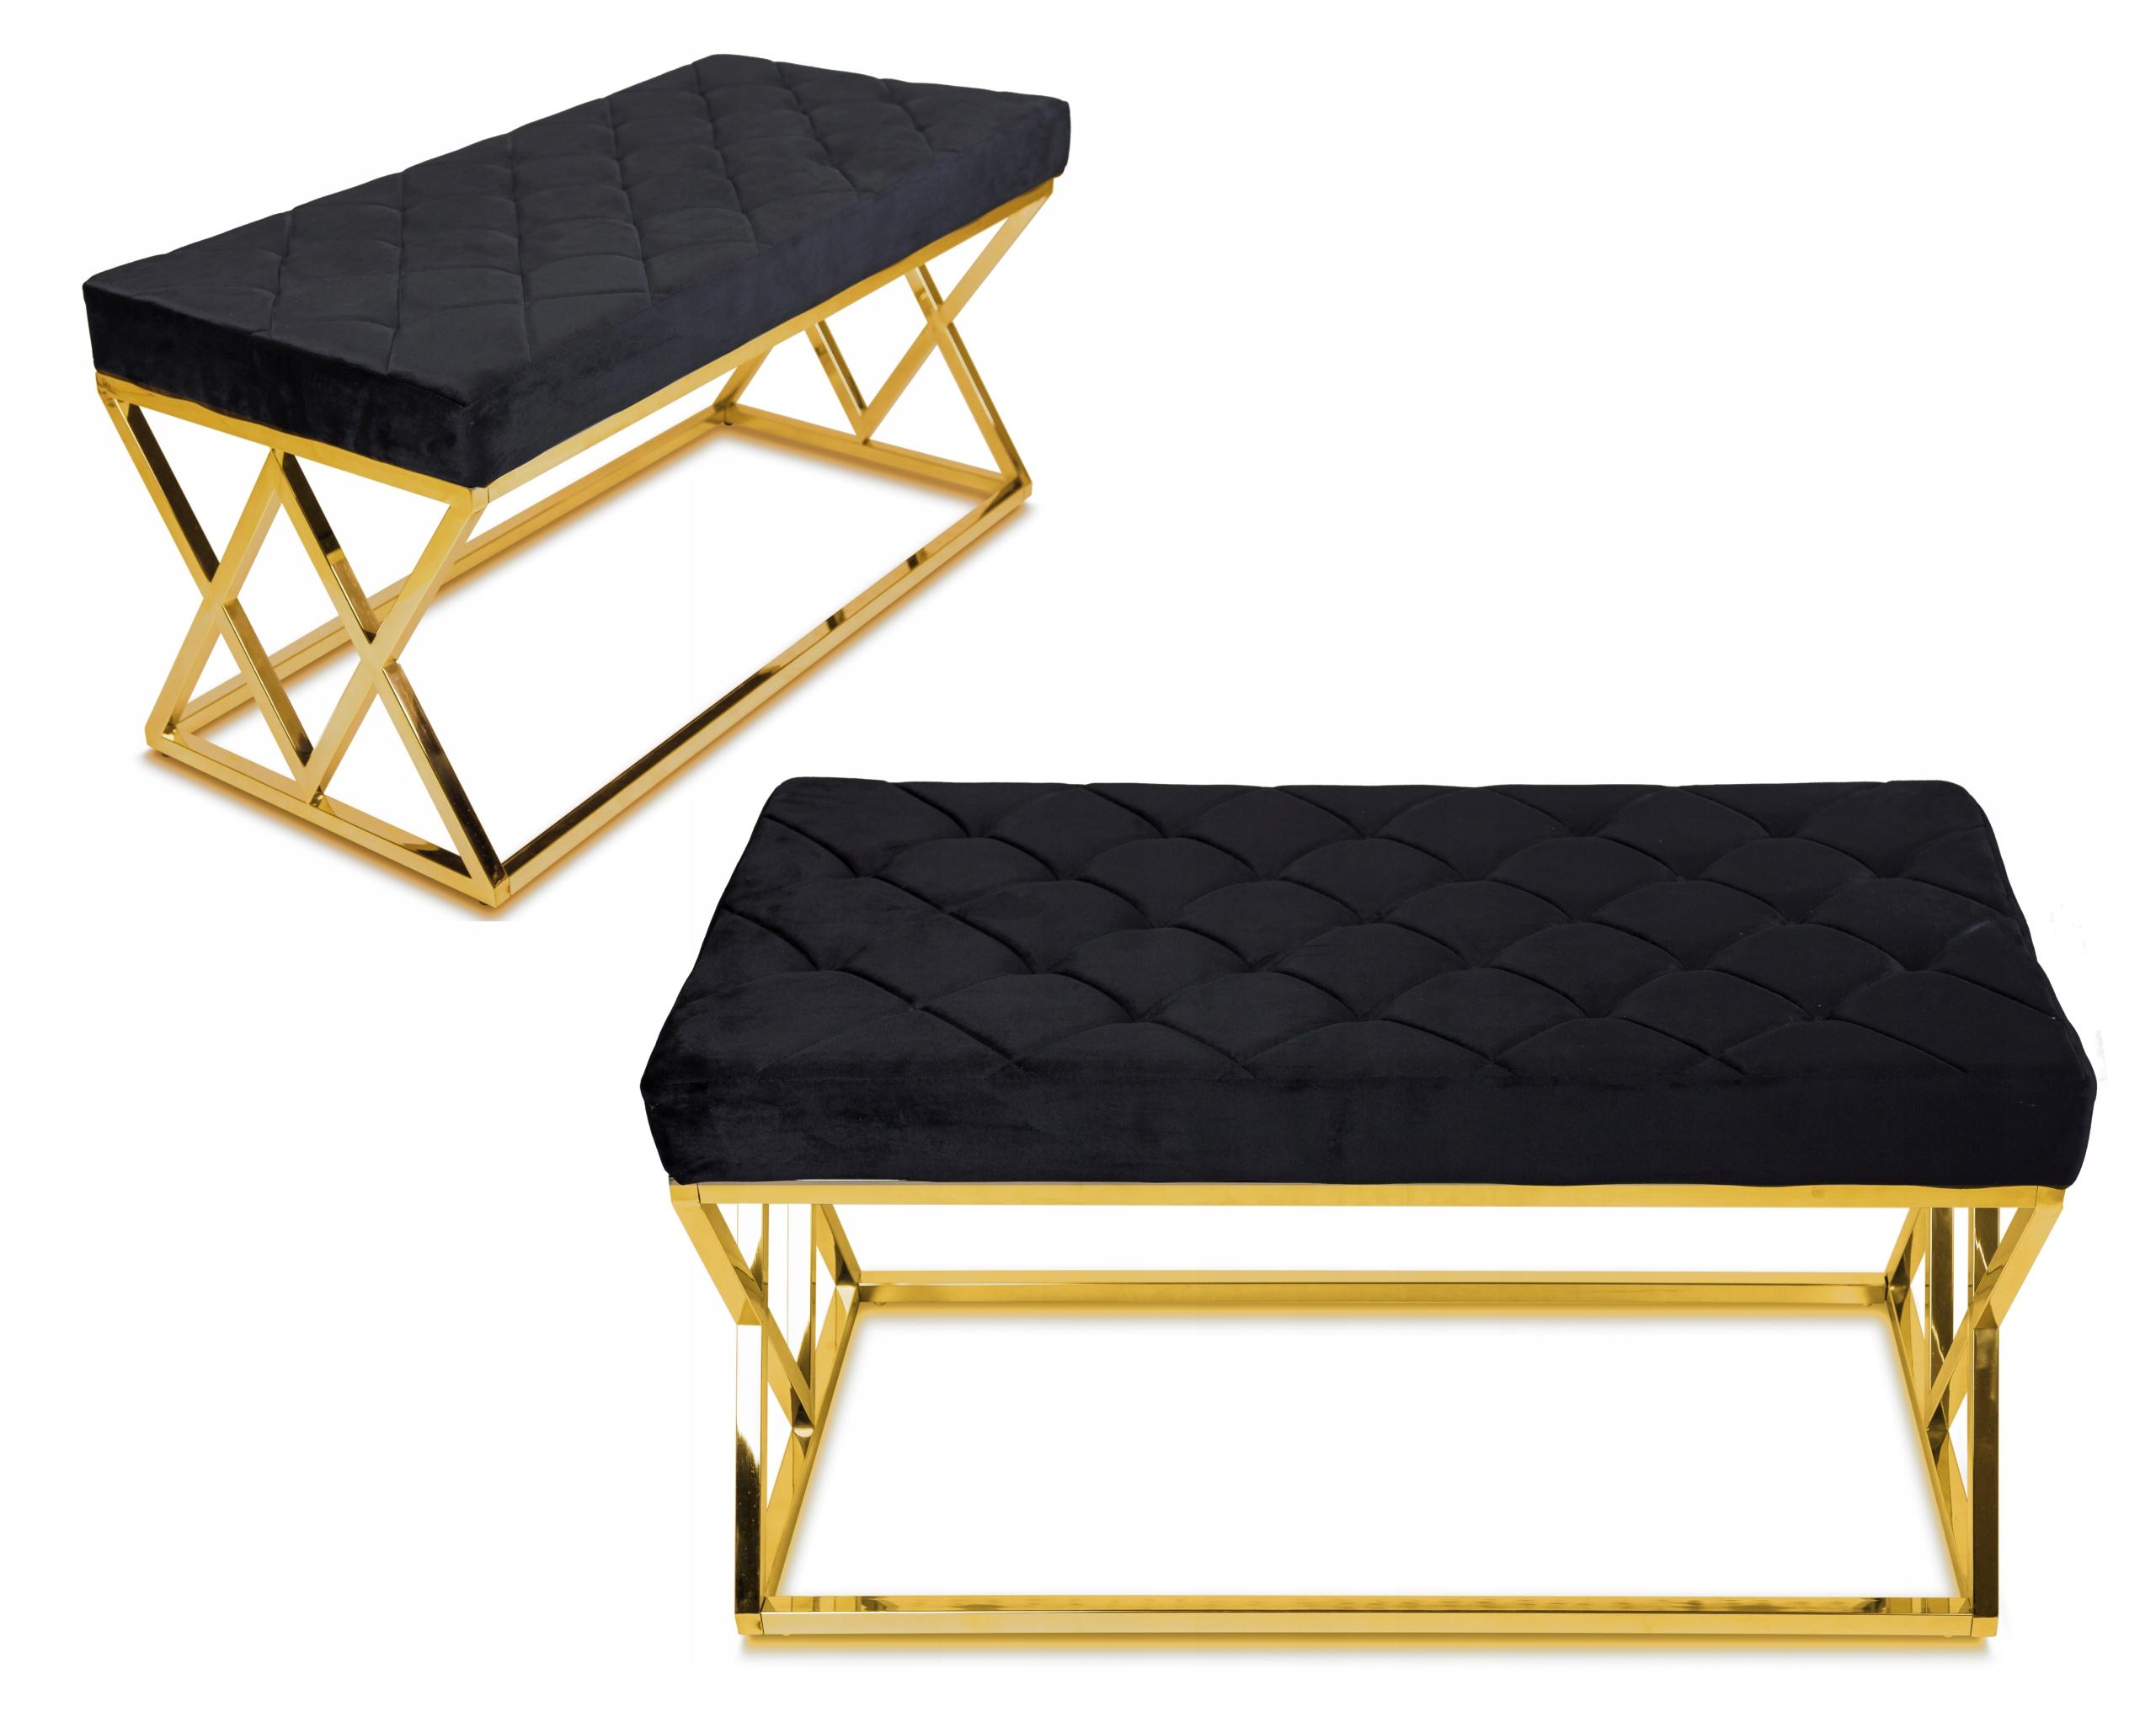 Prešívané sedadlo Timantti Gold Black retro pouf